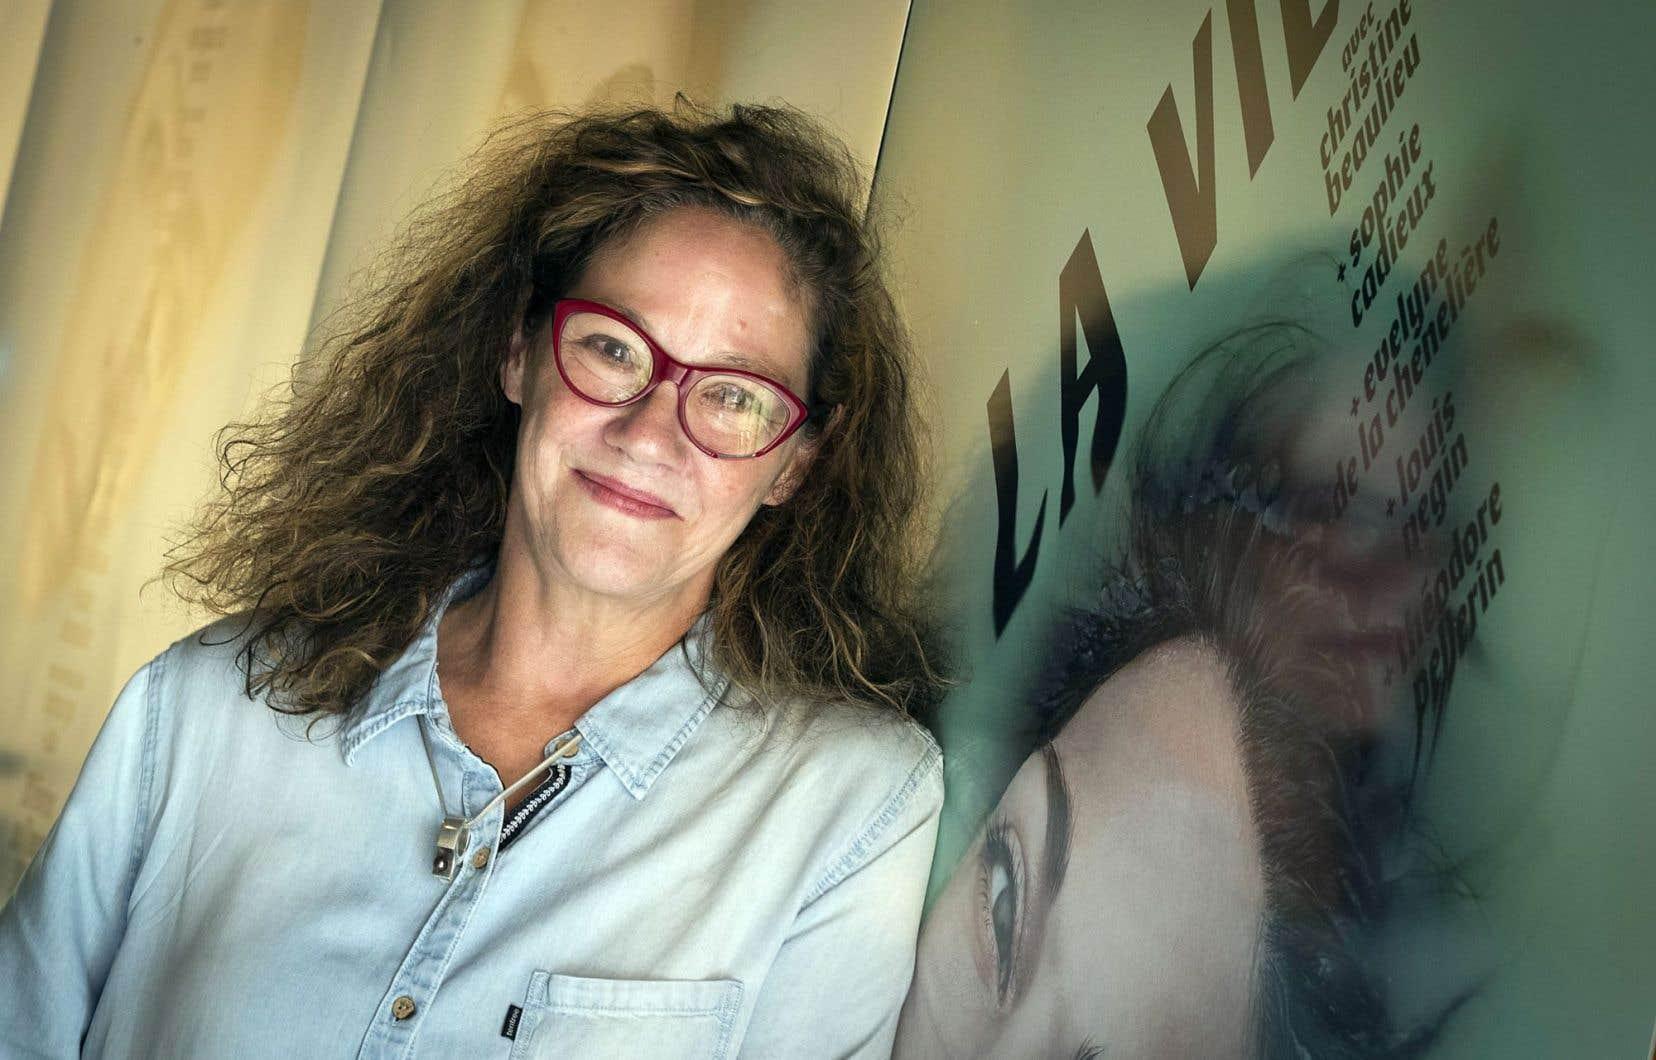 Malgré les rénovations, l'esprit de la salle demeure, affirme la directrice générale et artistique, Ginette Noiseux.